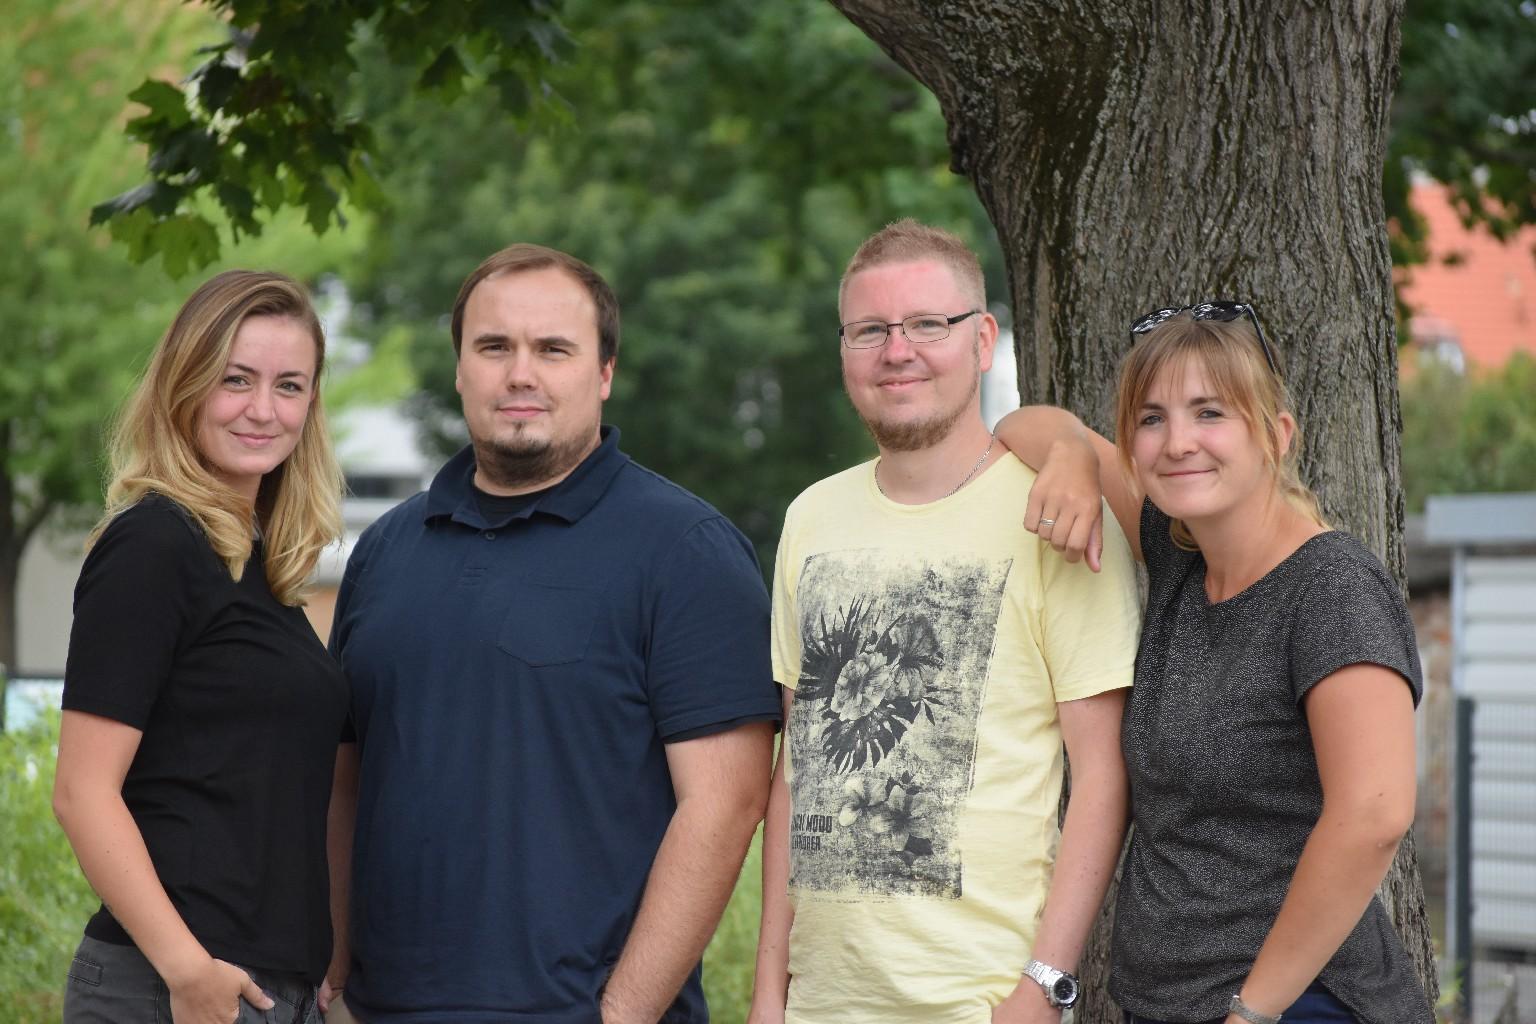 Gruppenfreie Erzieherinnen und Erzieher - Frau Hiller, Herr Heerlein, Herr Pelz, Frau Balthasar